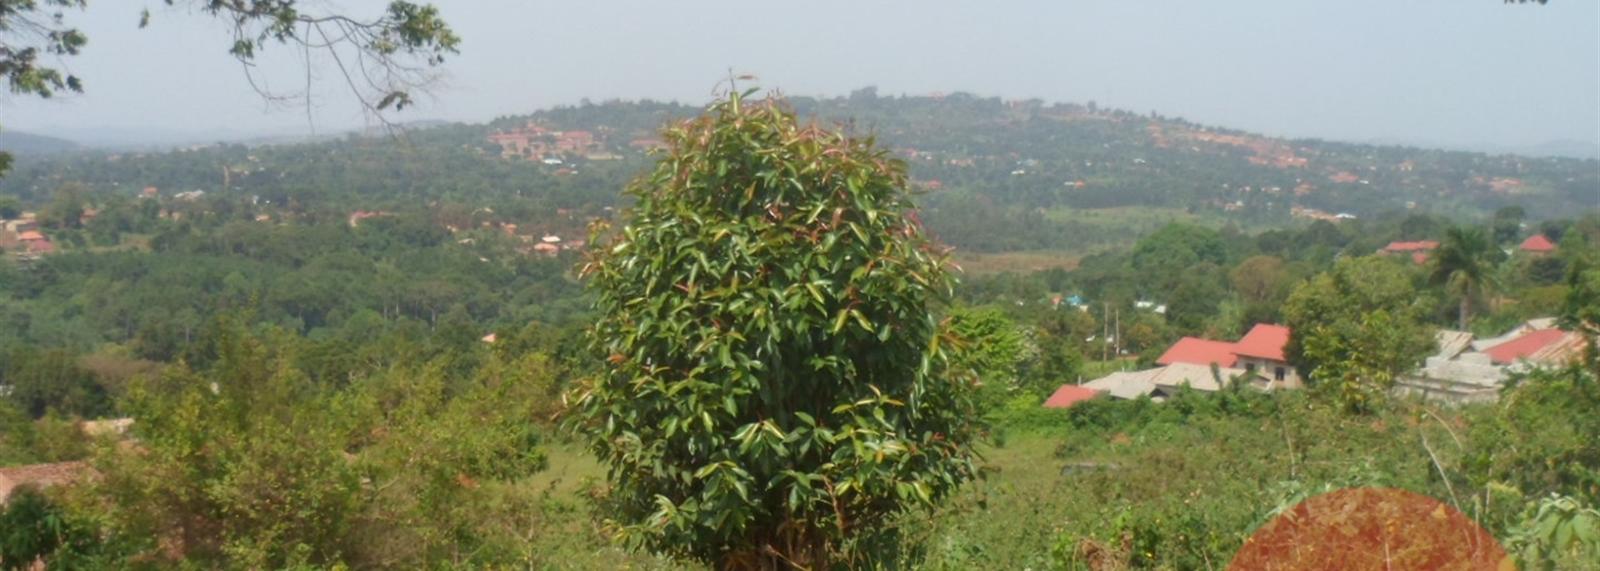 Nakawuka